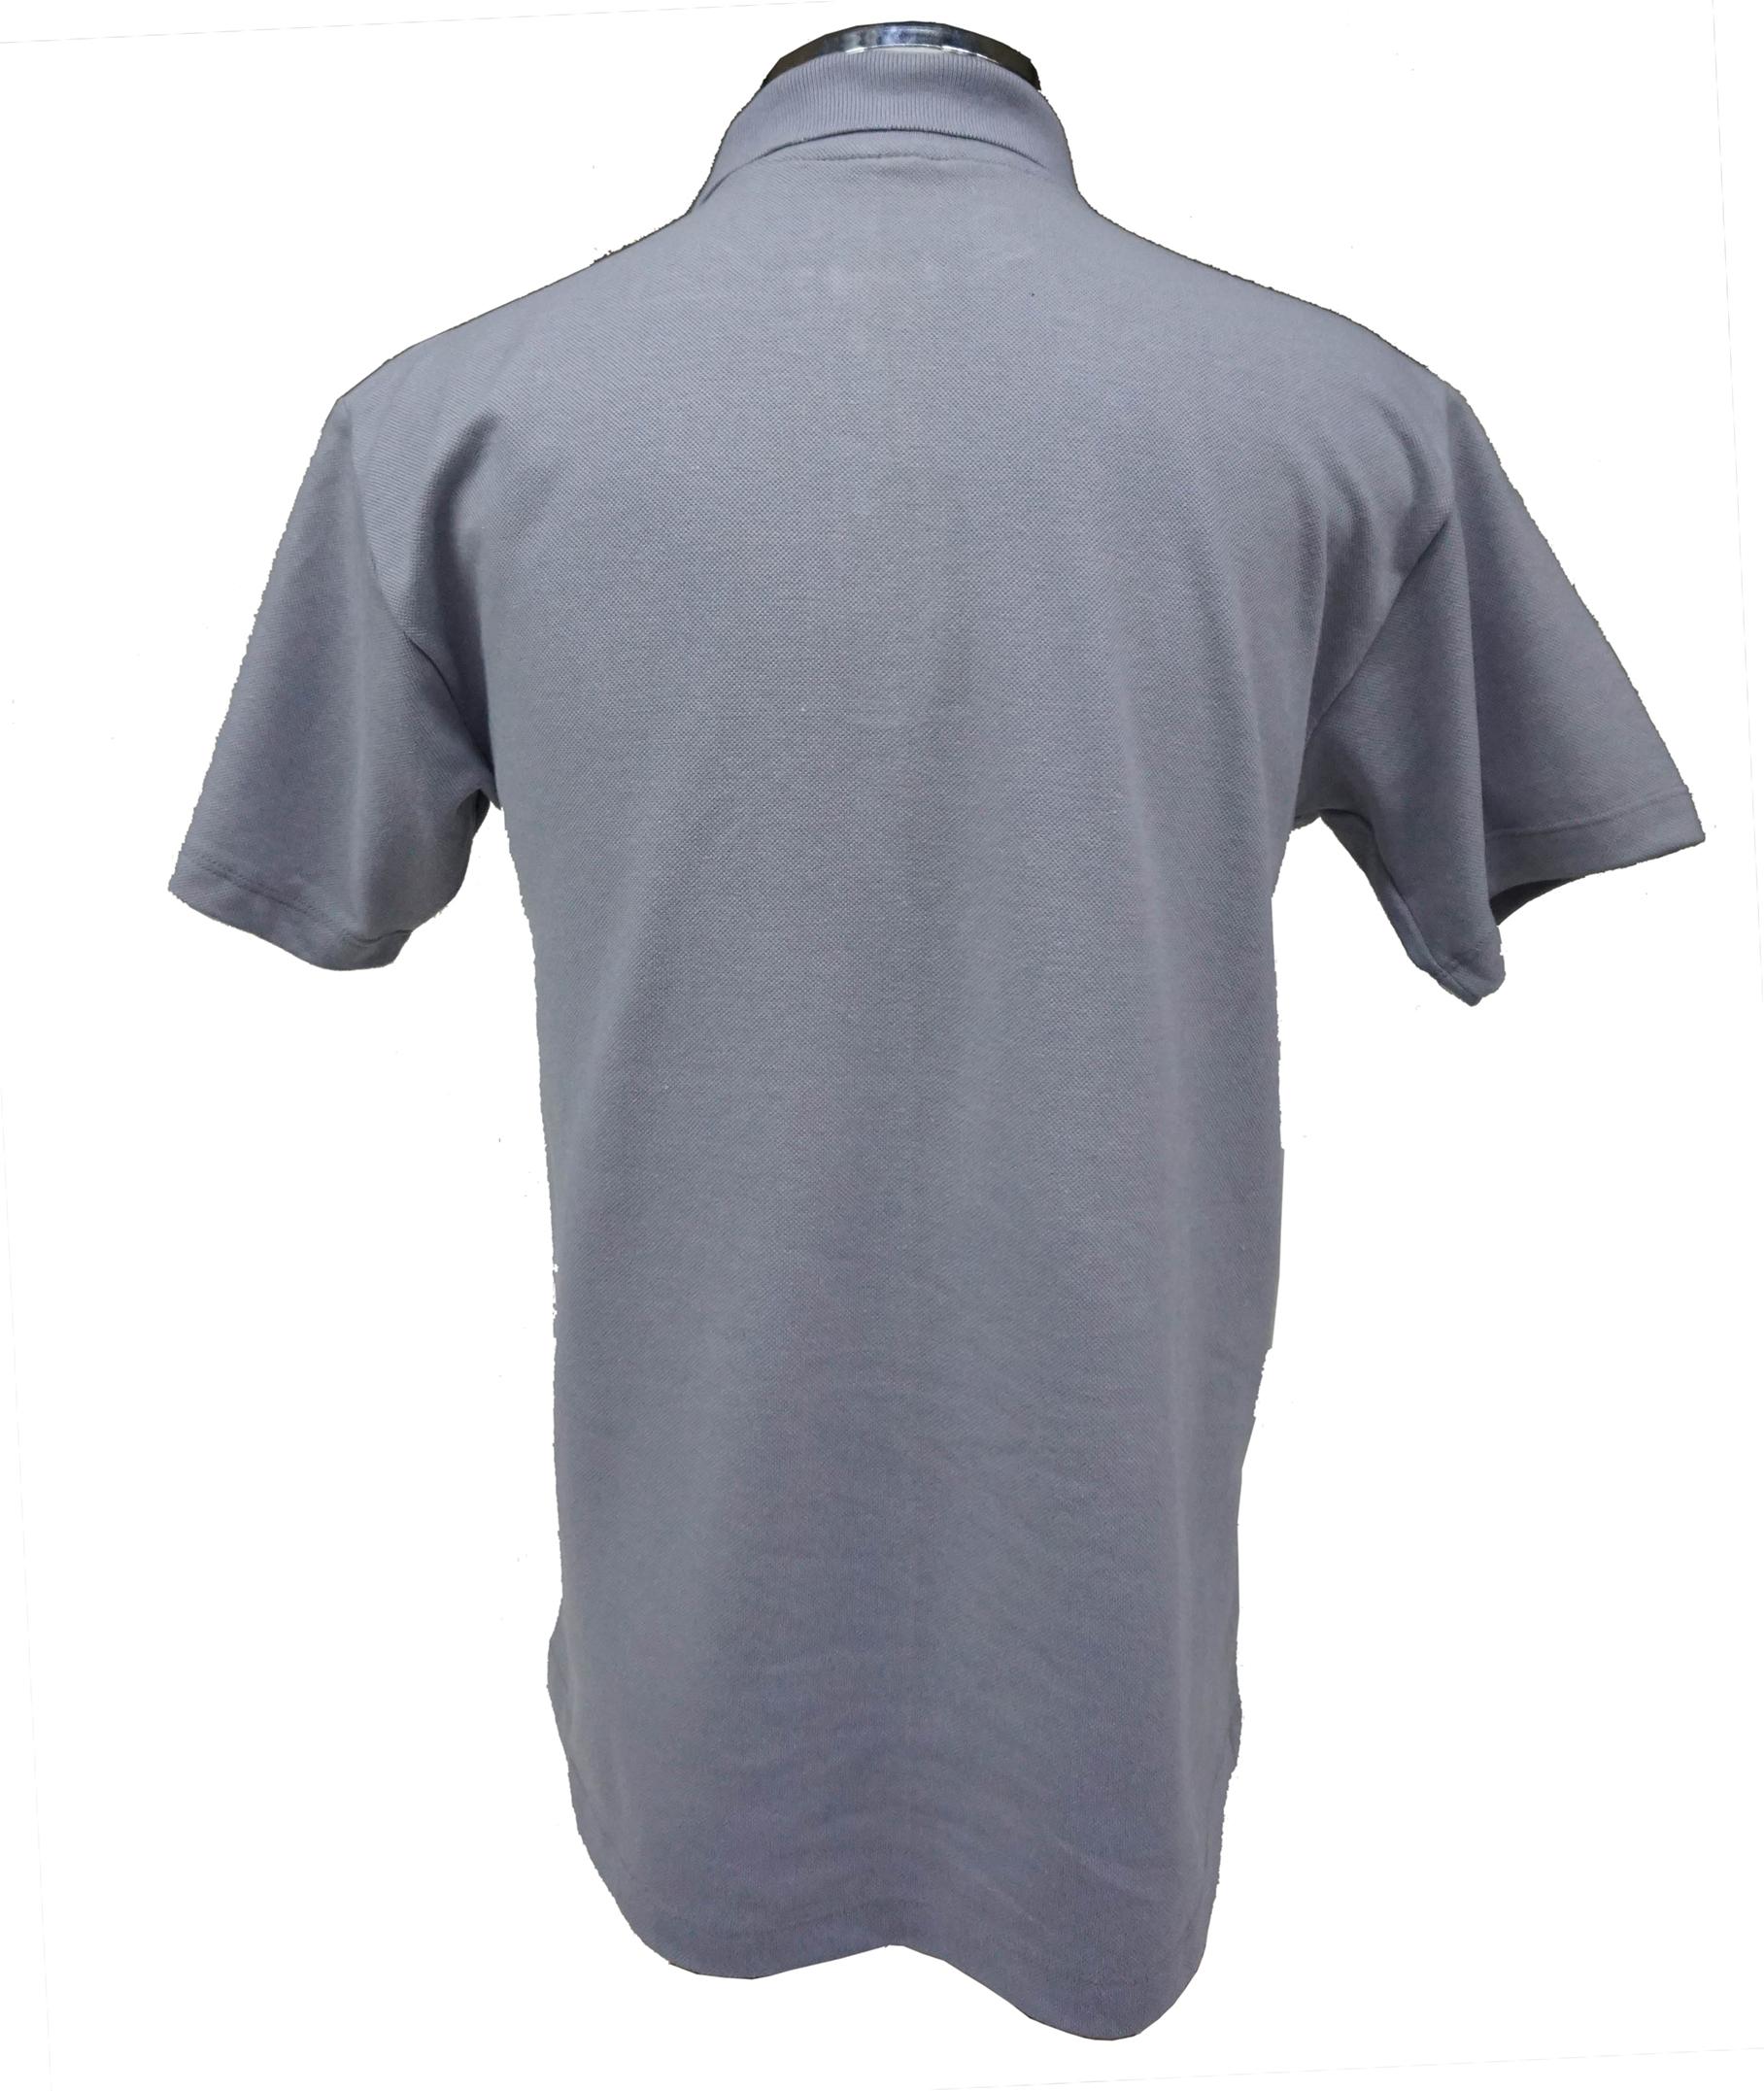 cinza 15 costas